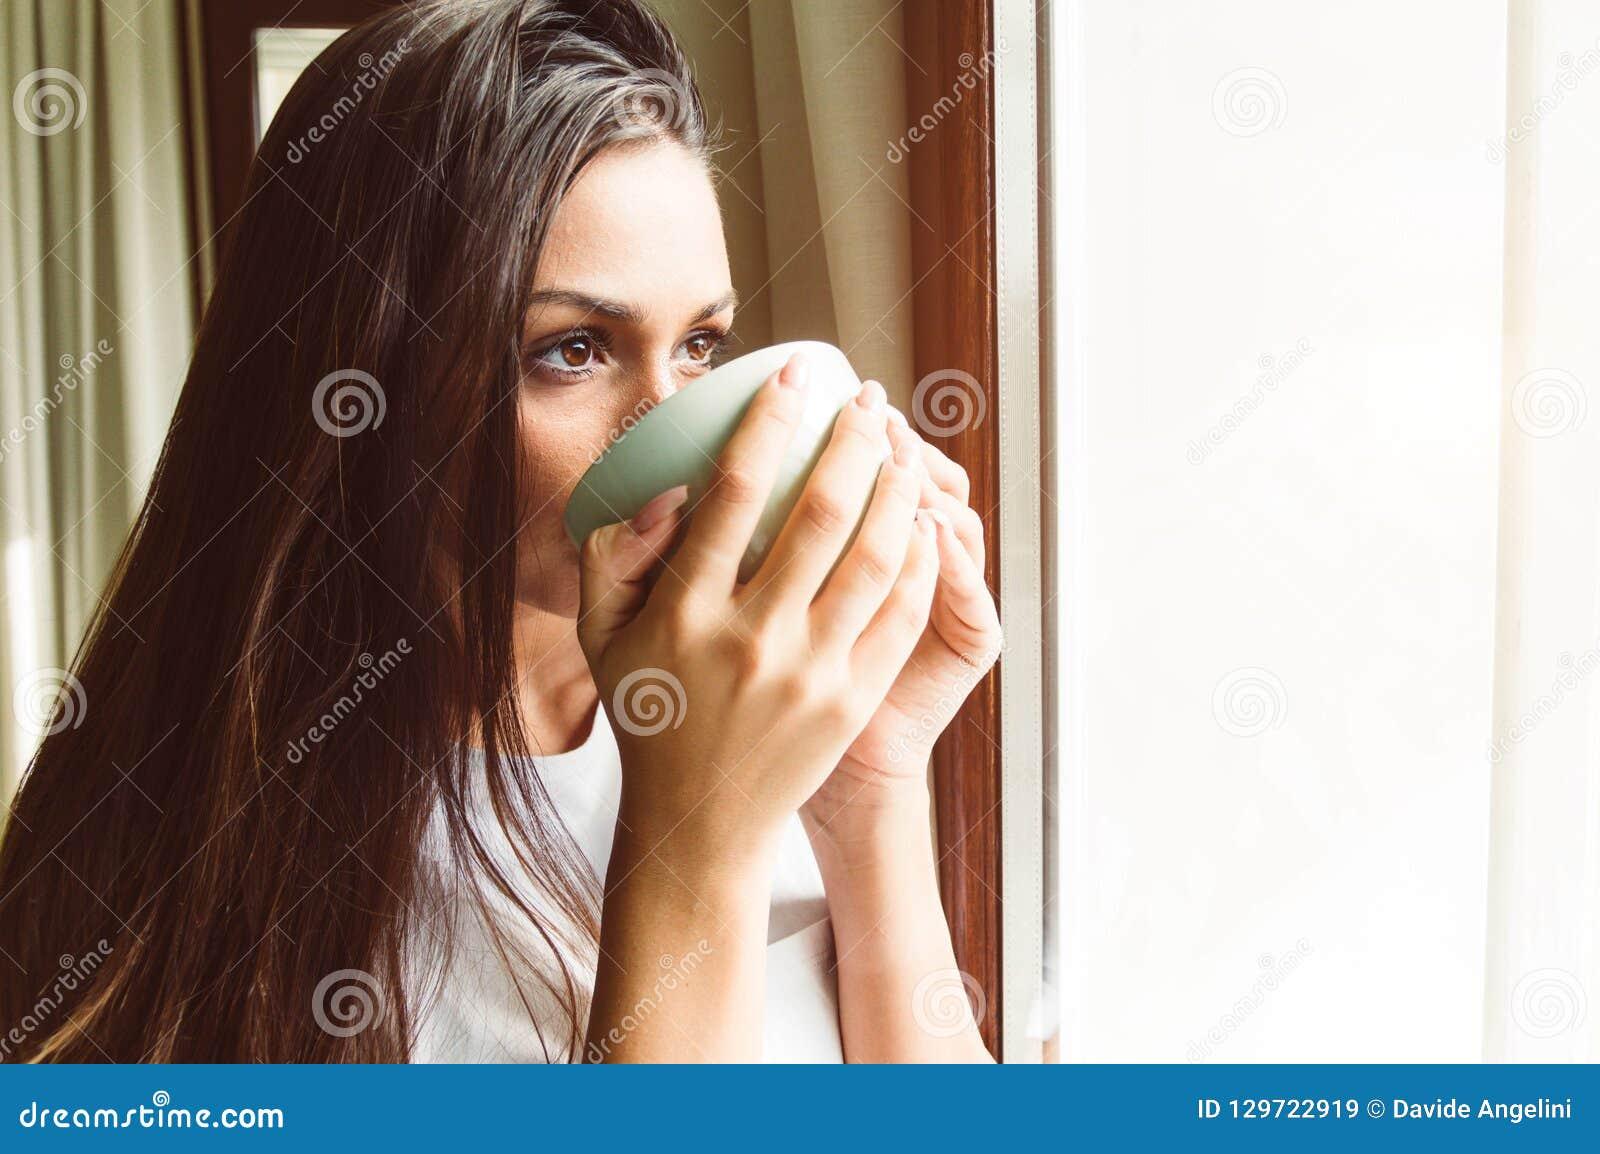 Chá bebendo de pensamento da mulher na janela